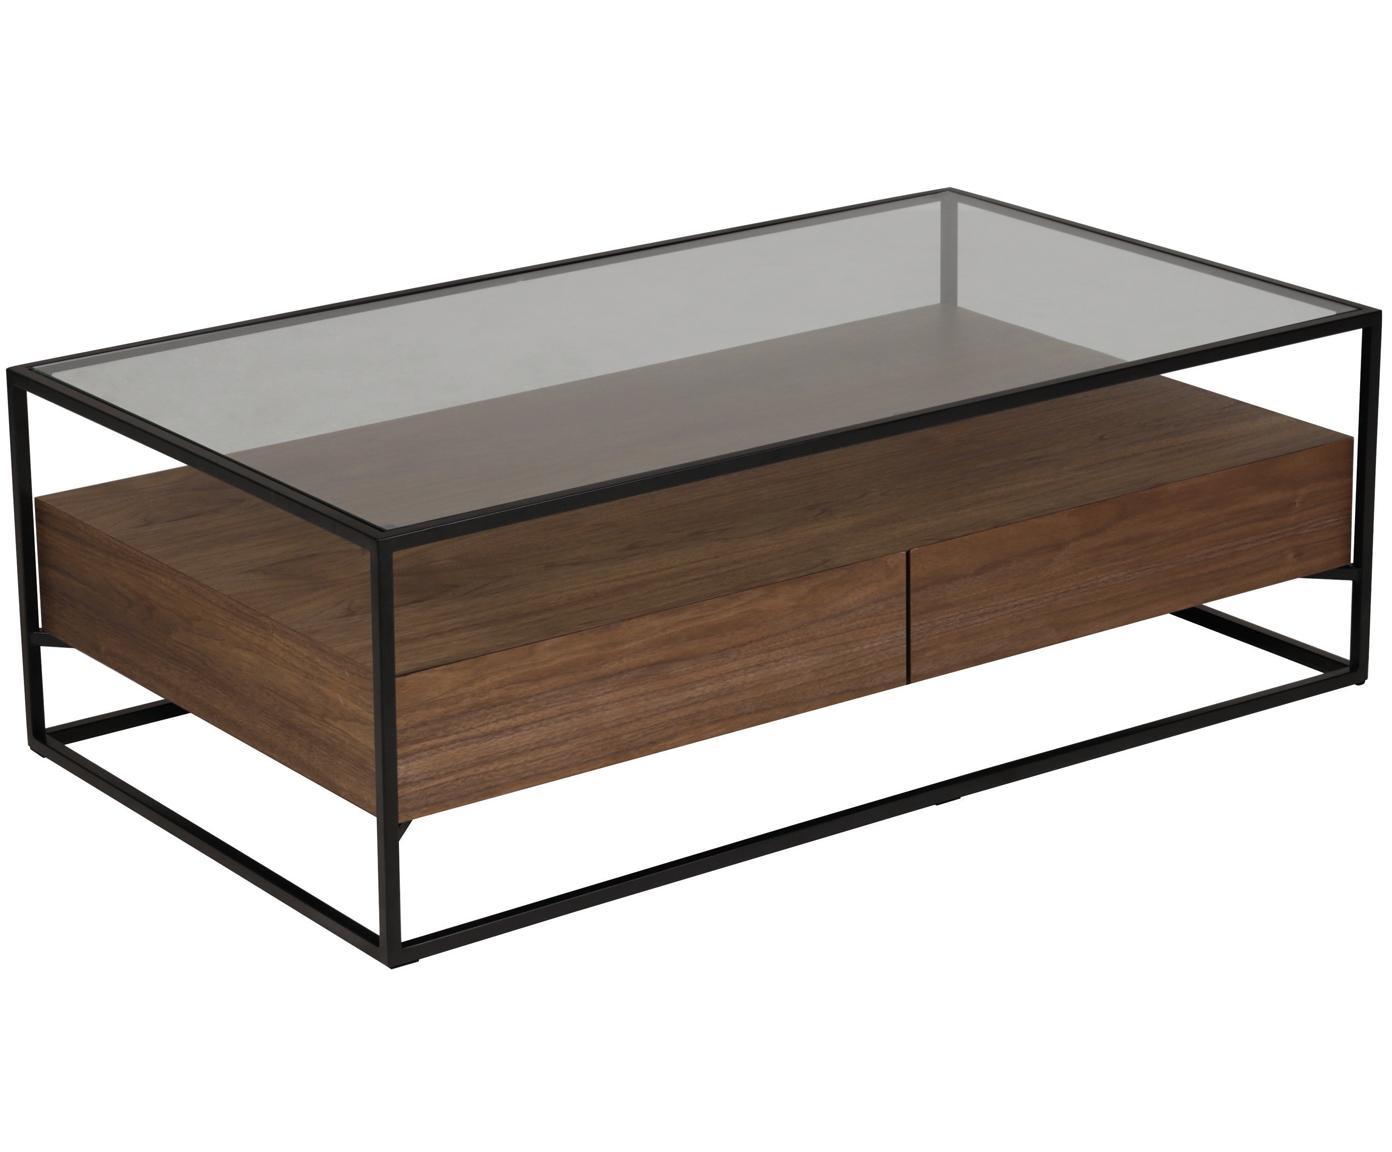 Stolik kawowy z szufladami Helix, Stelaż: metal malowany proszkowo, Czarny, brązowy, S 120 x W 40 cm